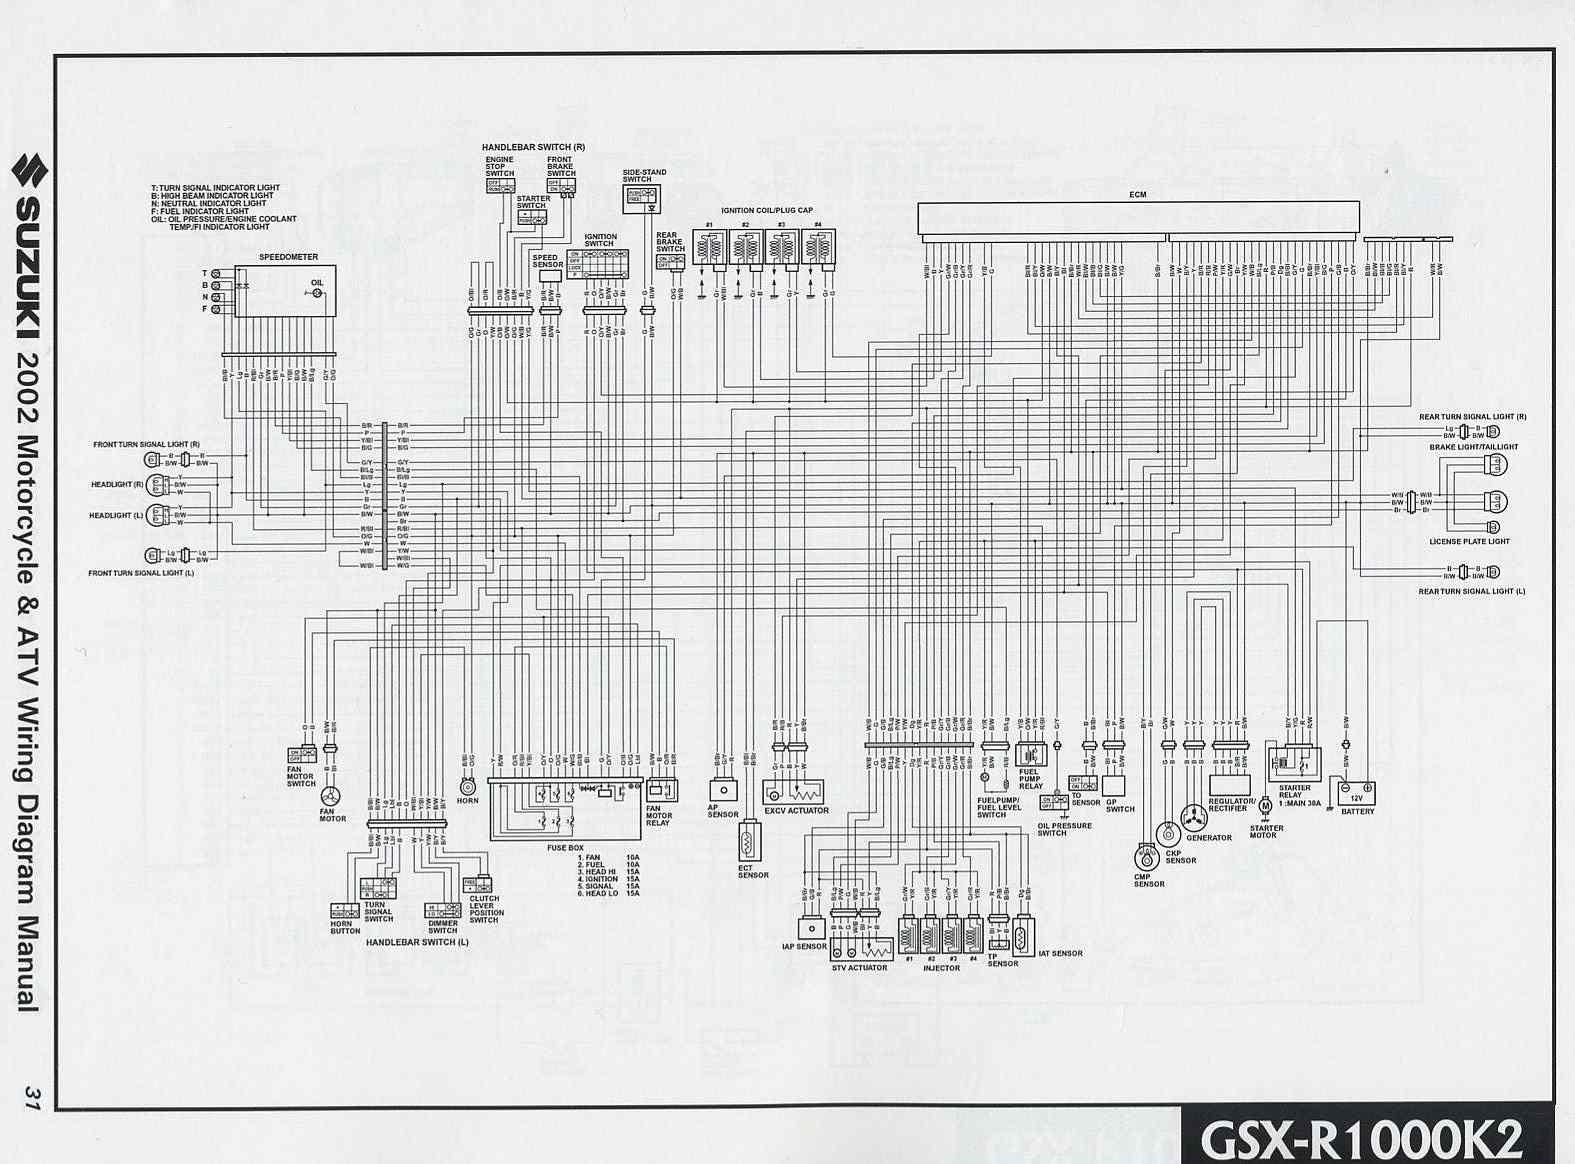 Suzuki GSXR1000 K2 2002 Motorcycle Wiring Diagram   All about Wiring Diagrams